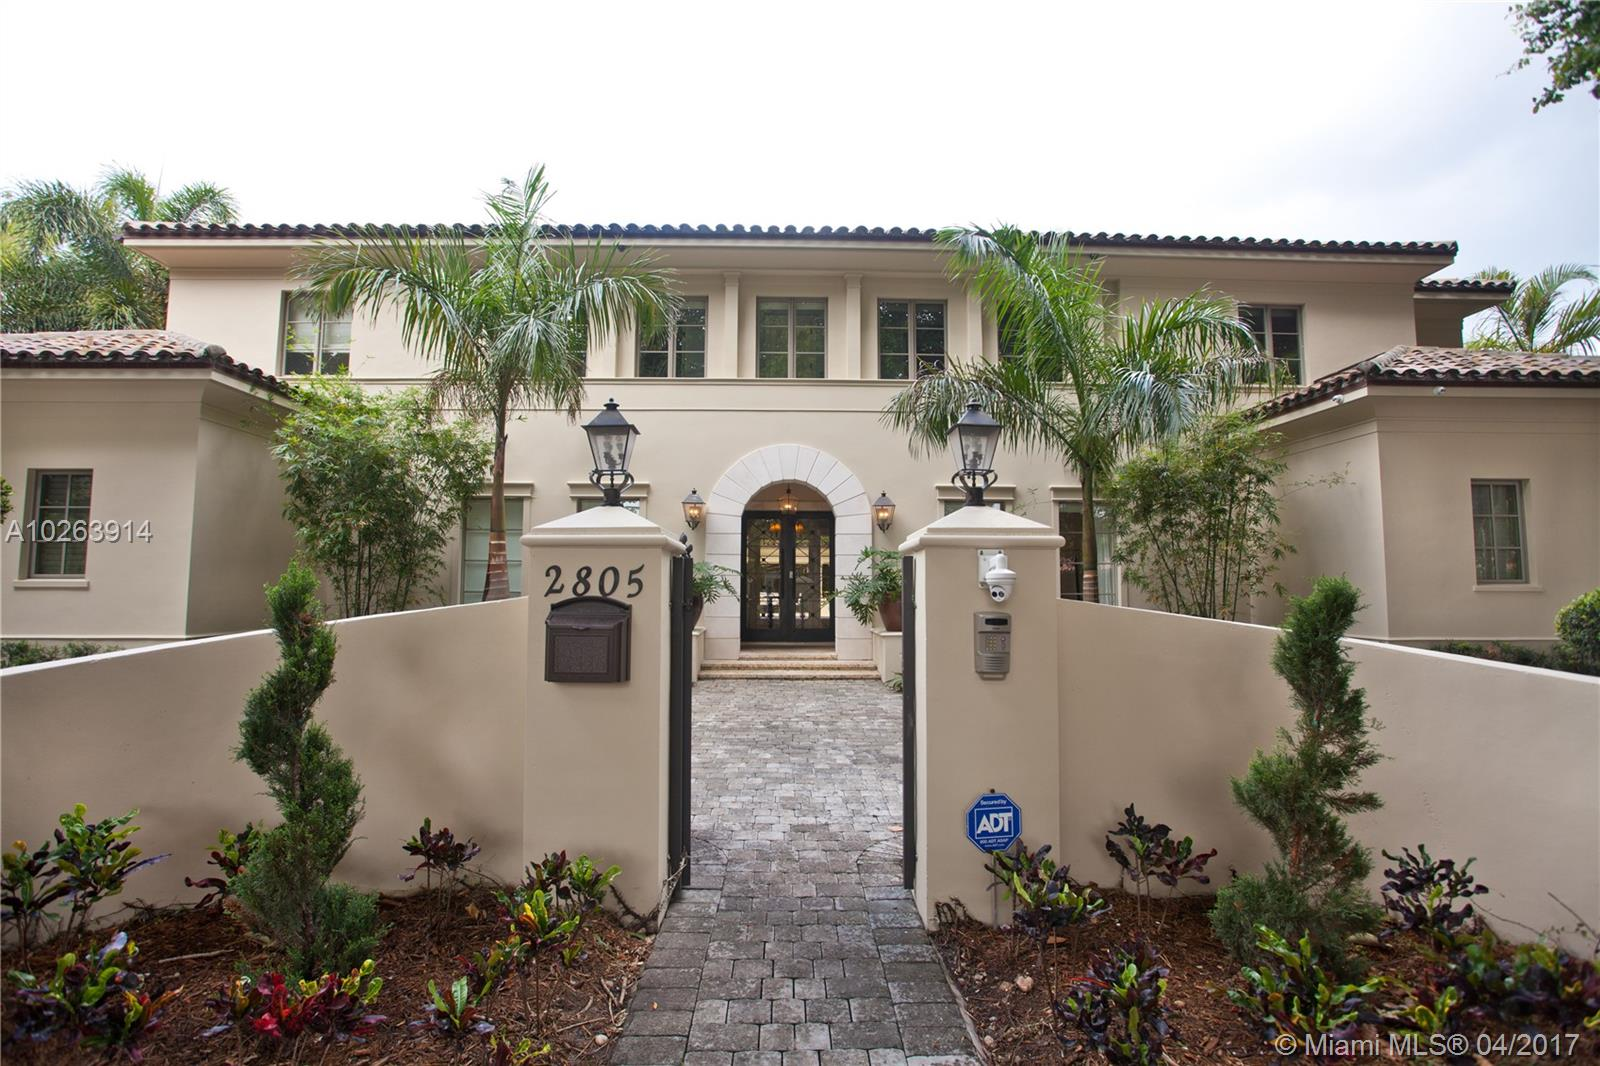 2805 Columbus Blvd - Coral Gables, Florida